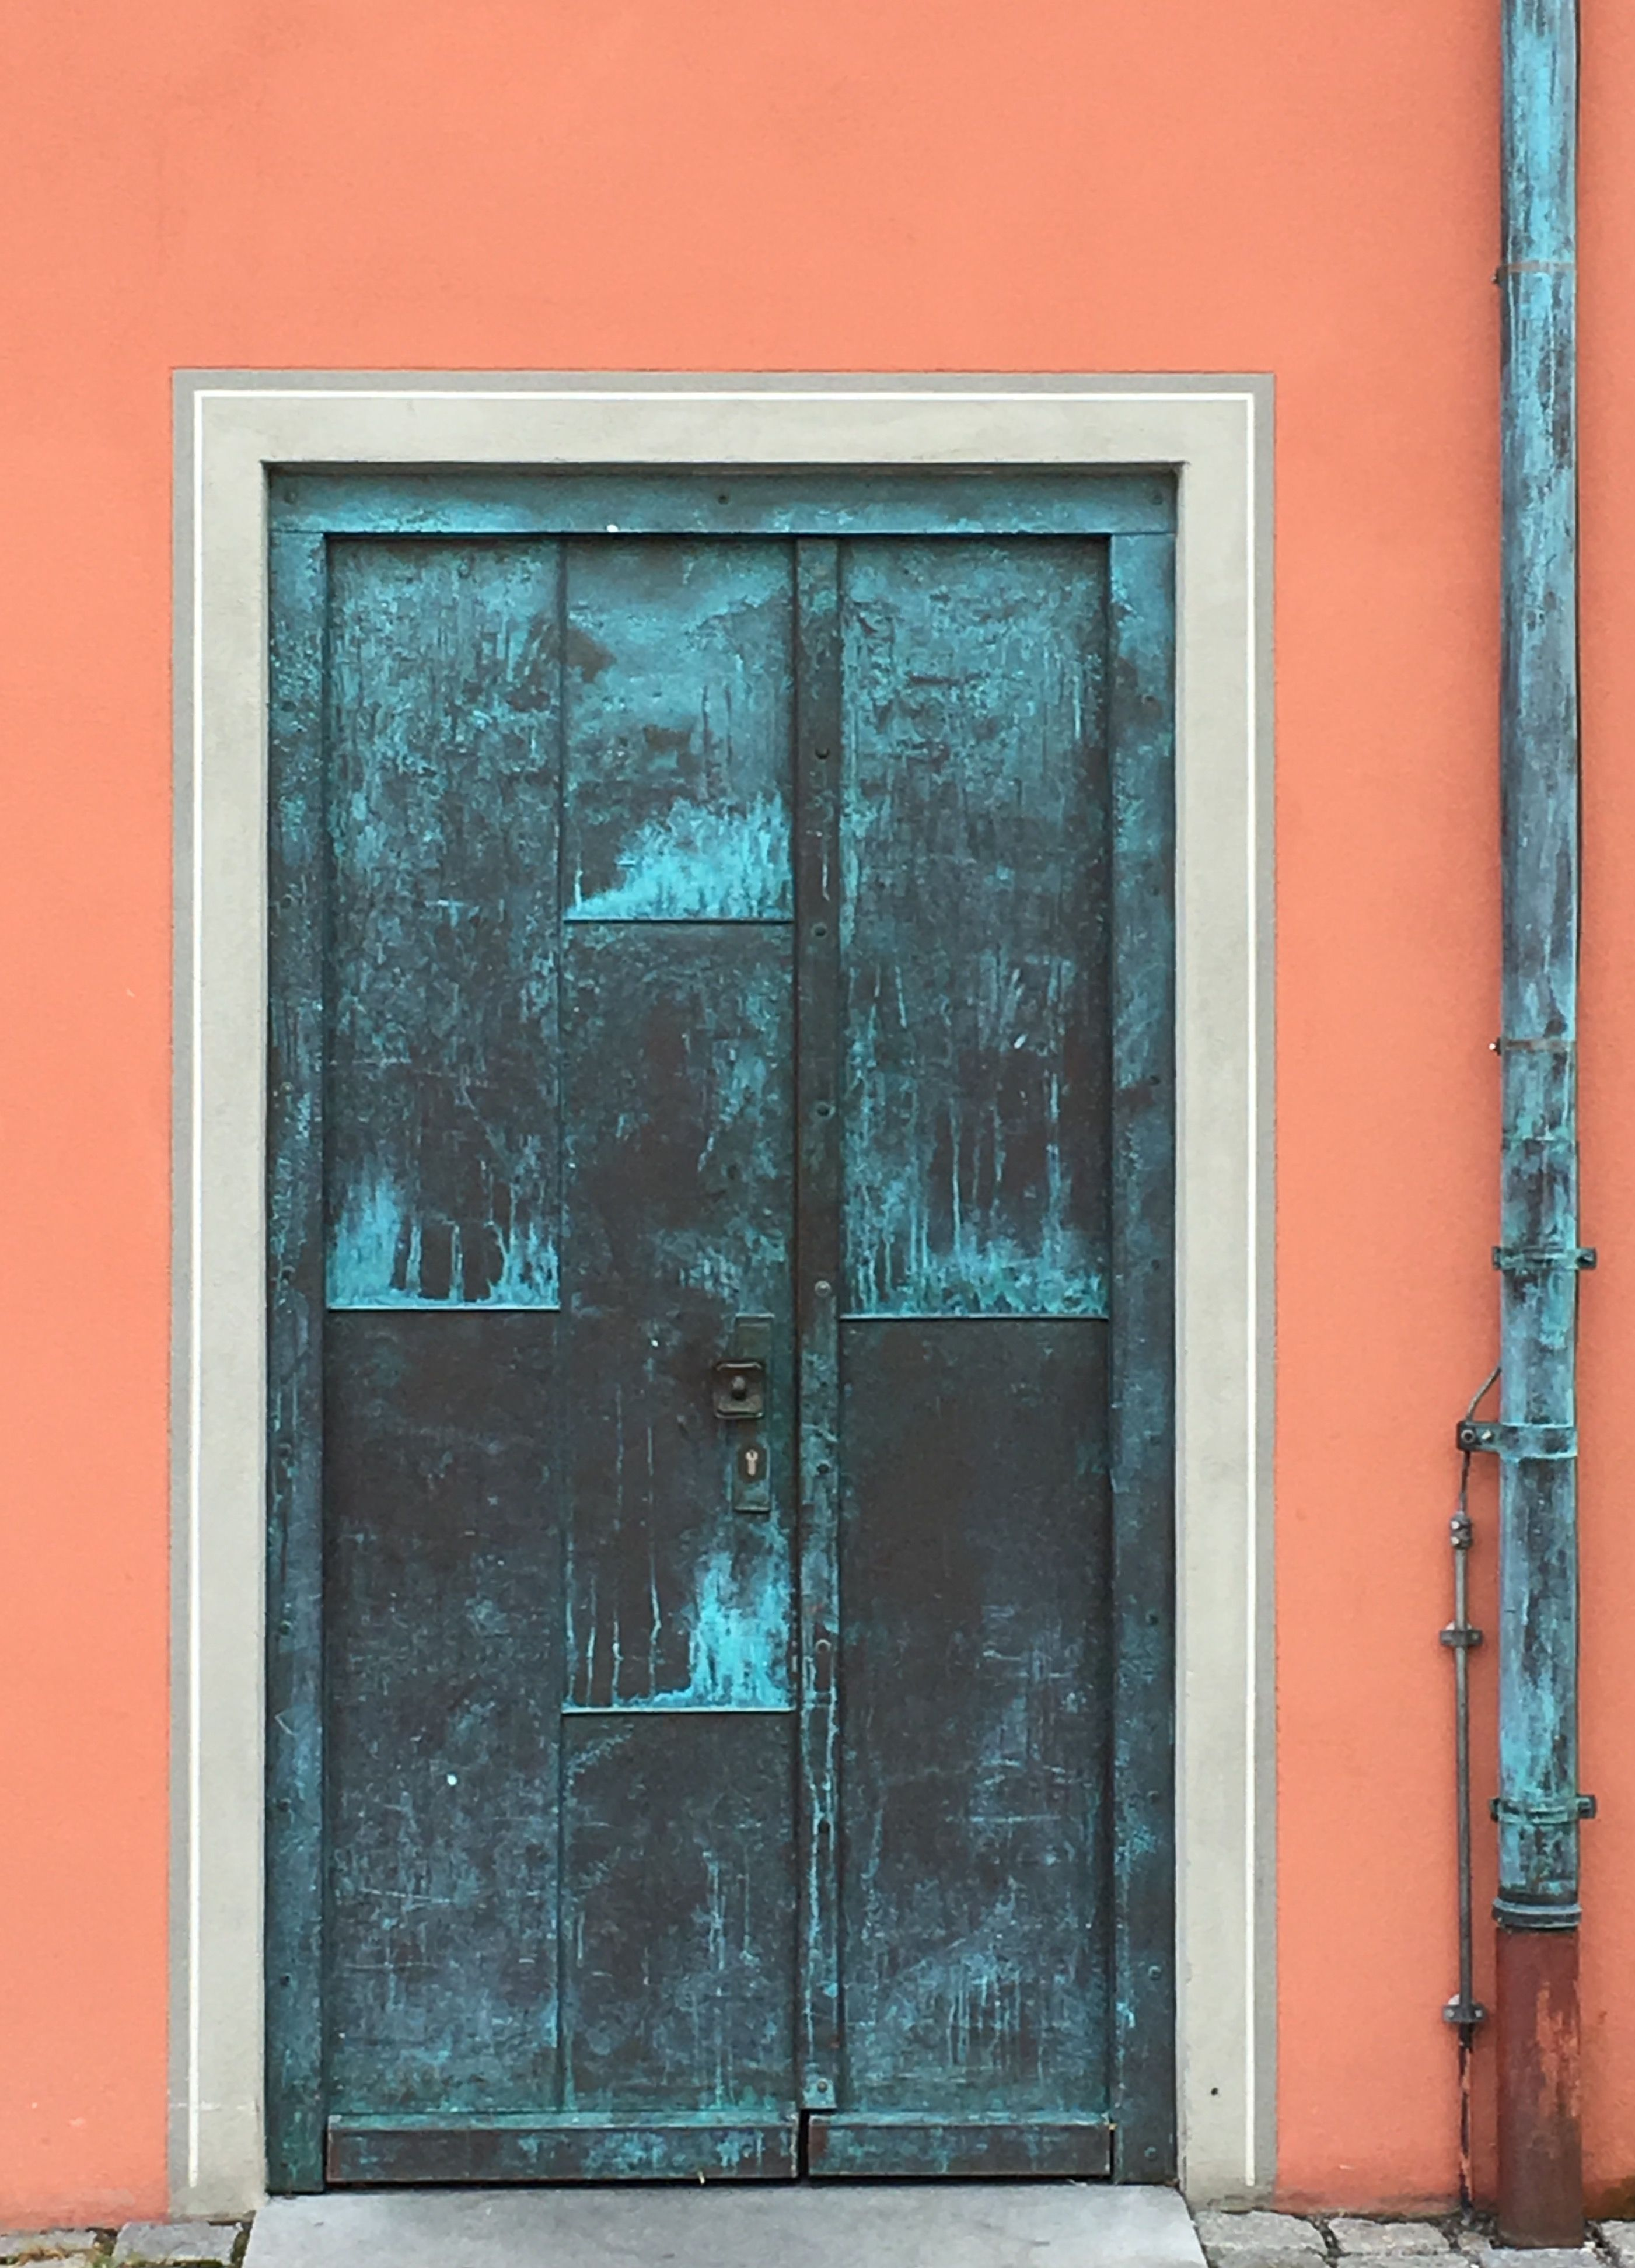 Metal door in Füssen, Germany